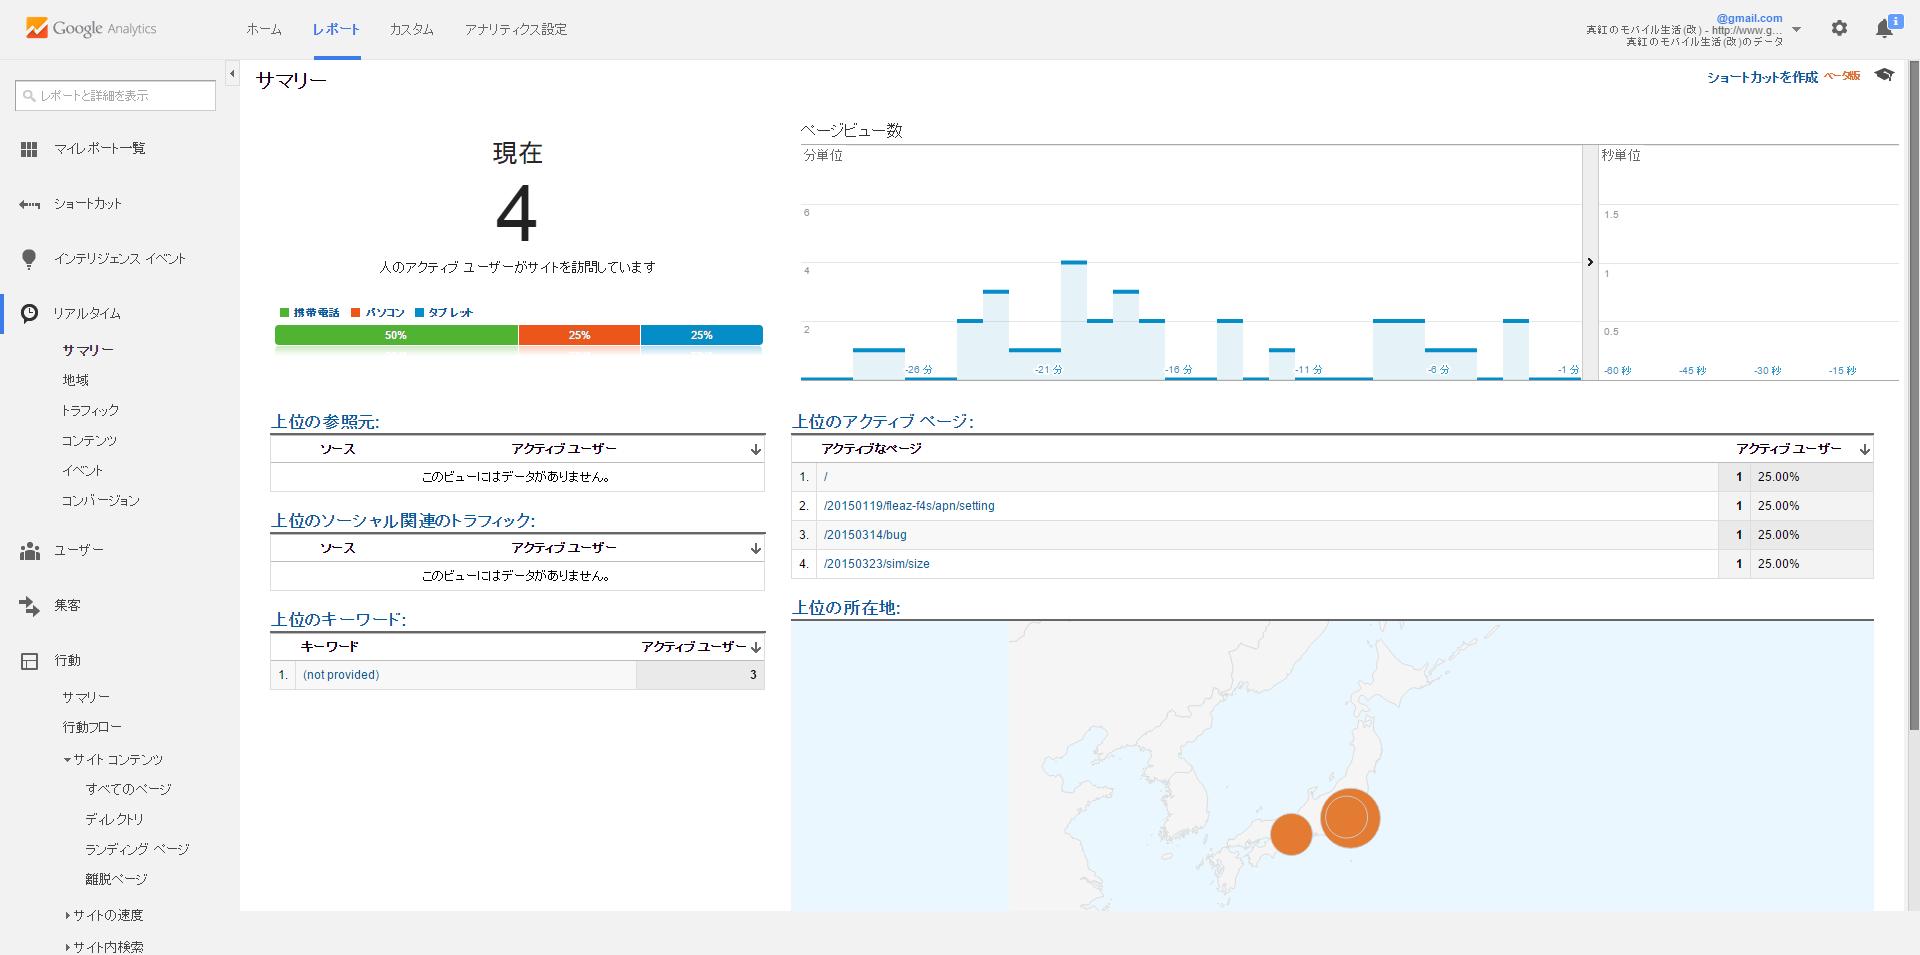 20150603_Analytics